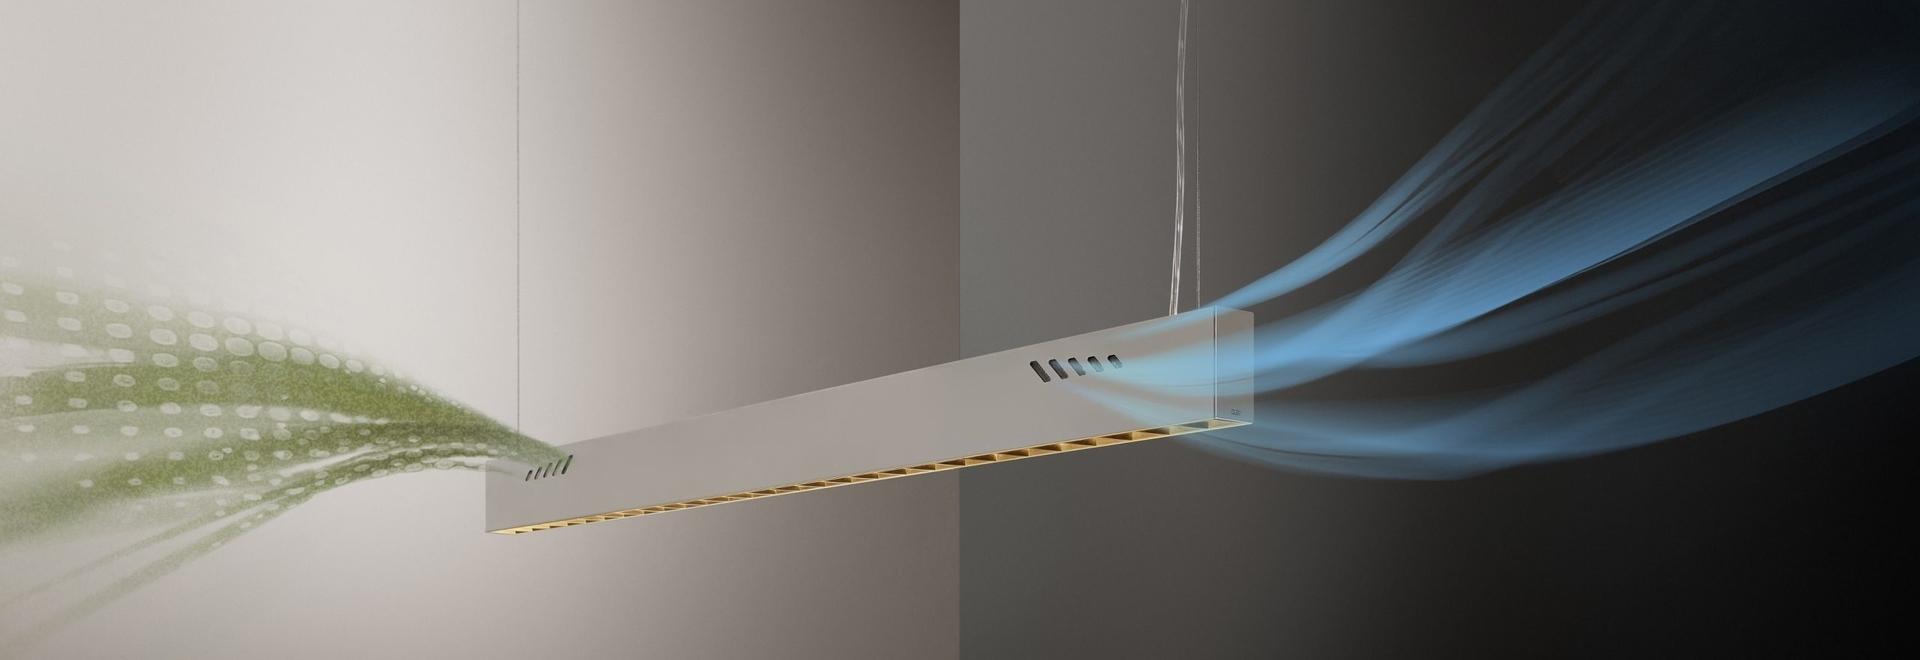 BioAir puro, una lámpara de Olev que higieniza los interiores. Cortesía de Olev